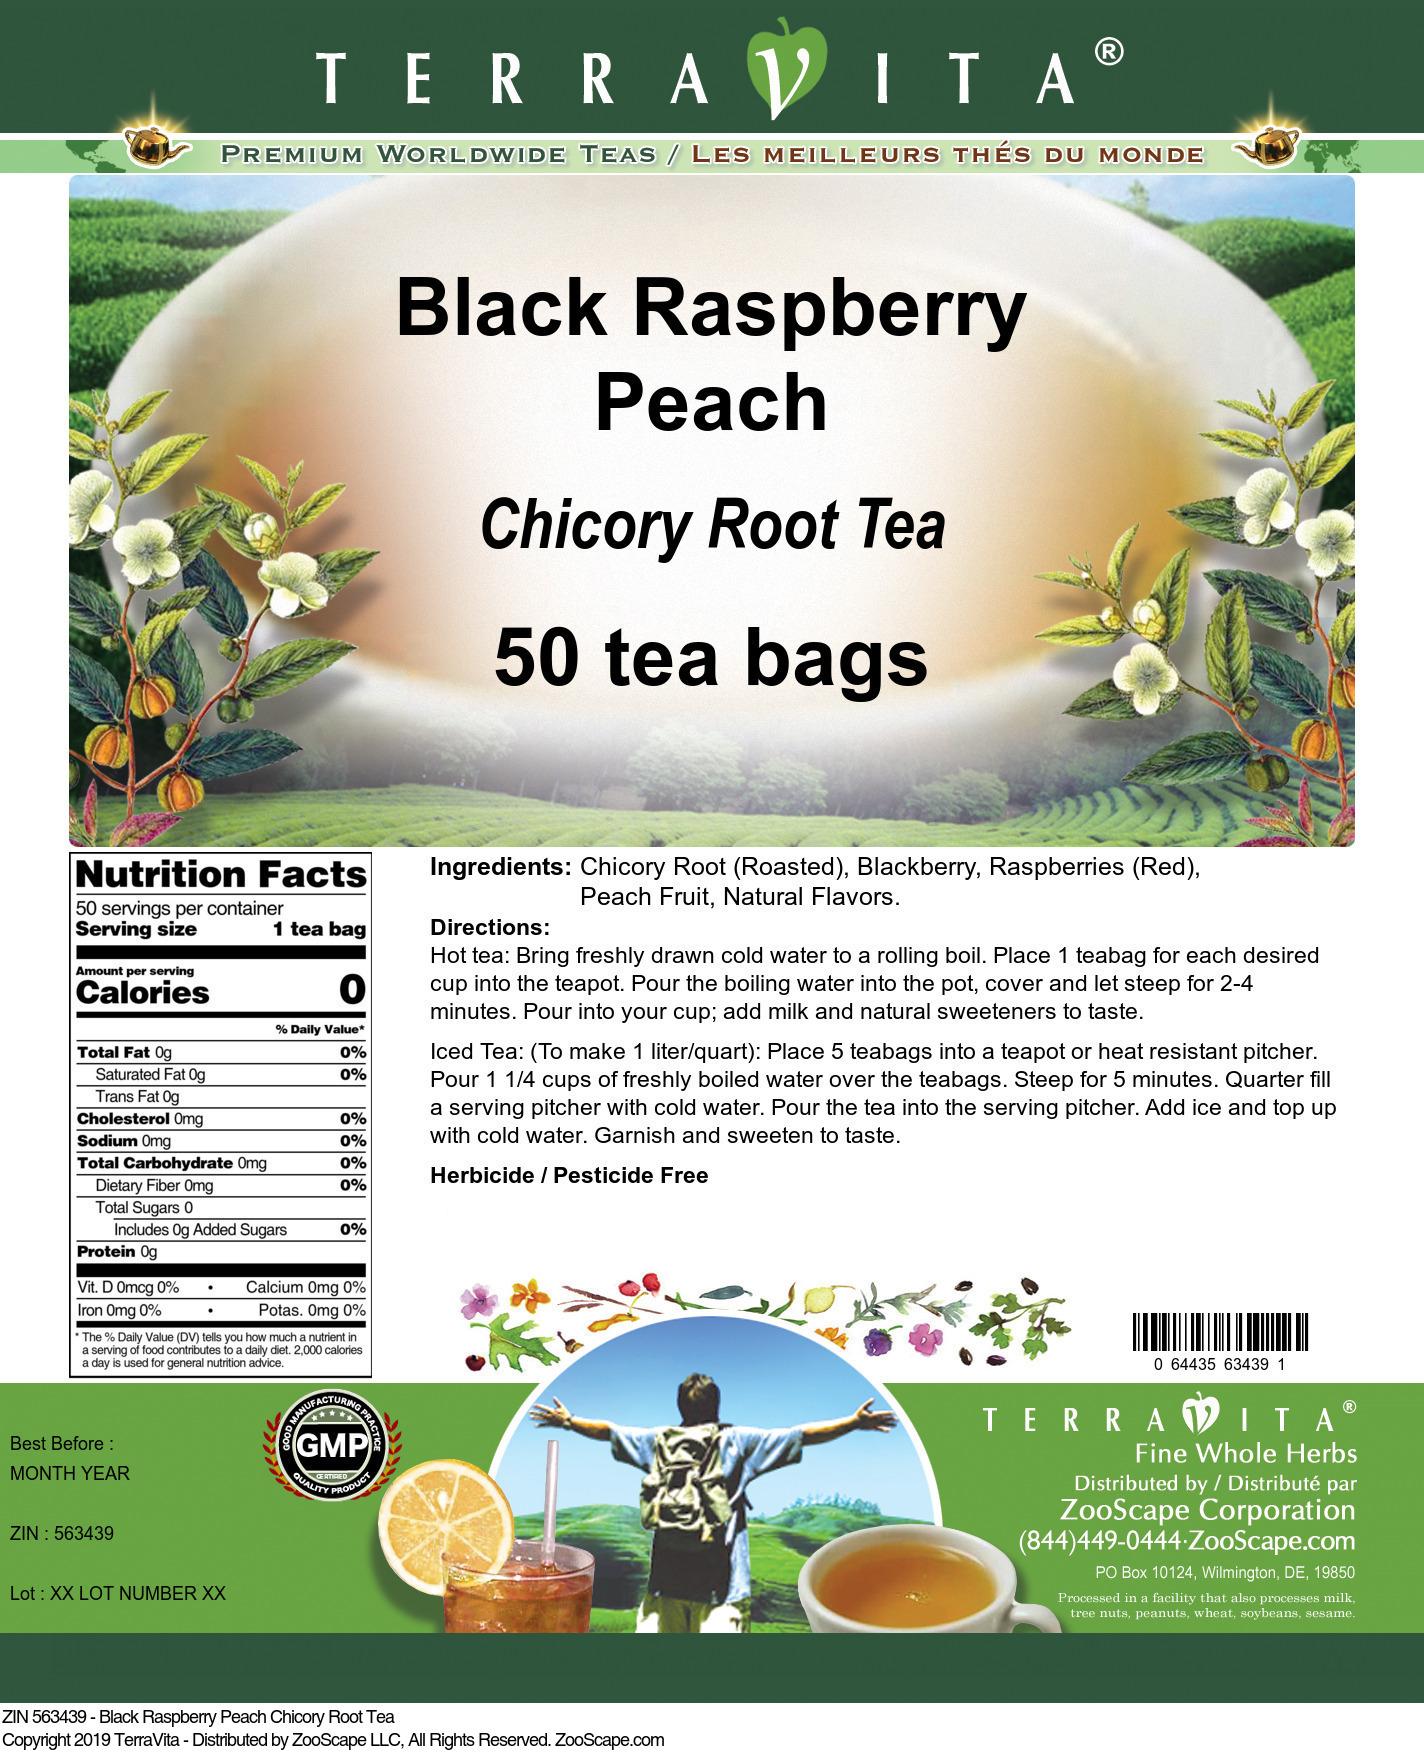 Black Raspberry Peach Chicory Root